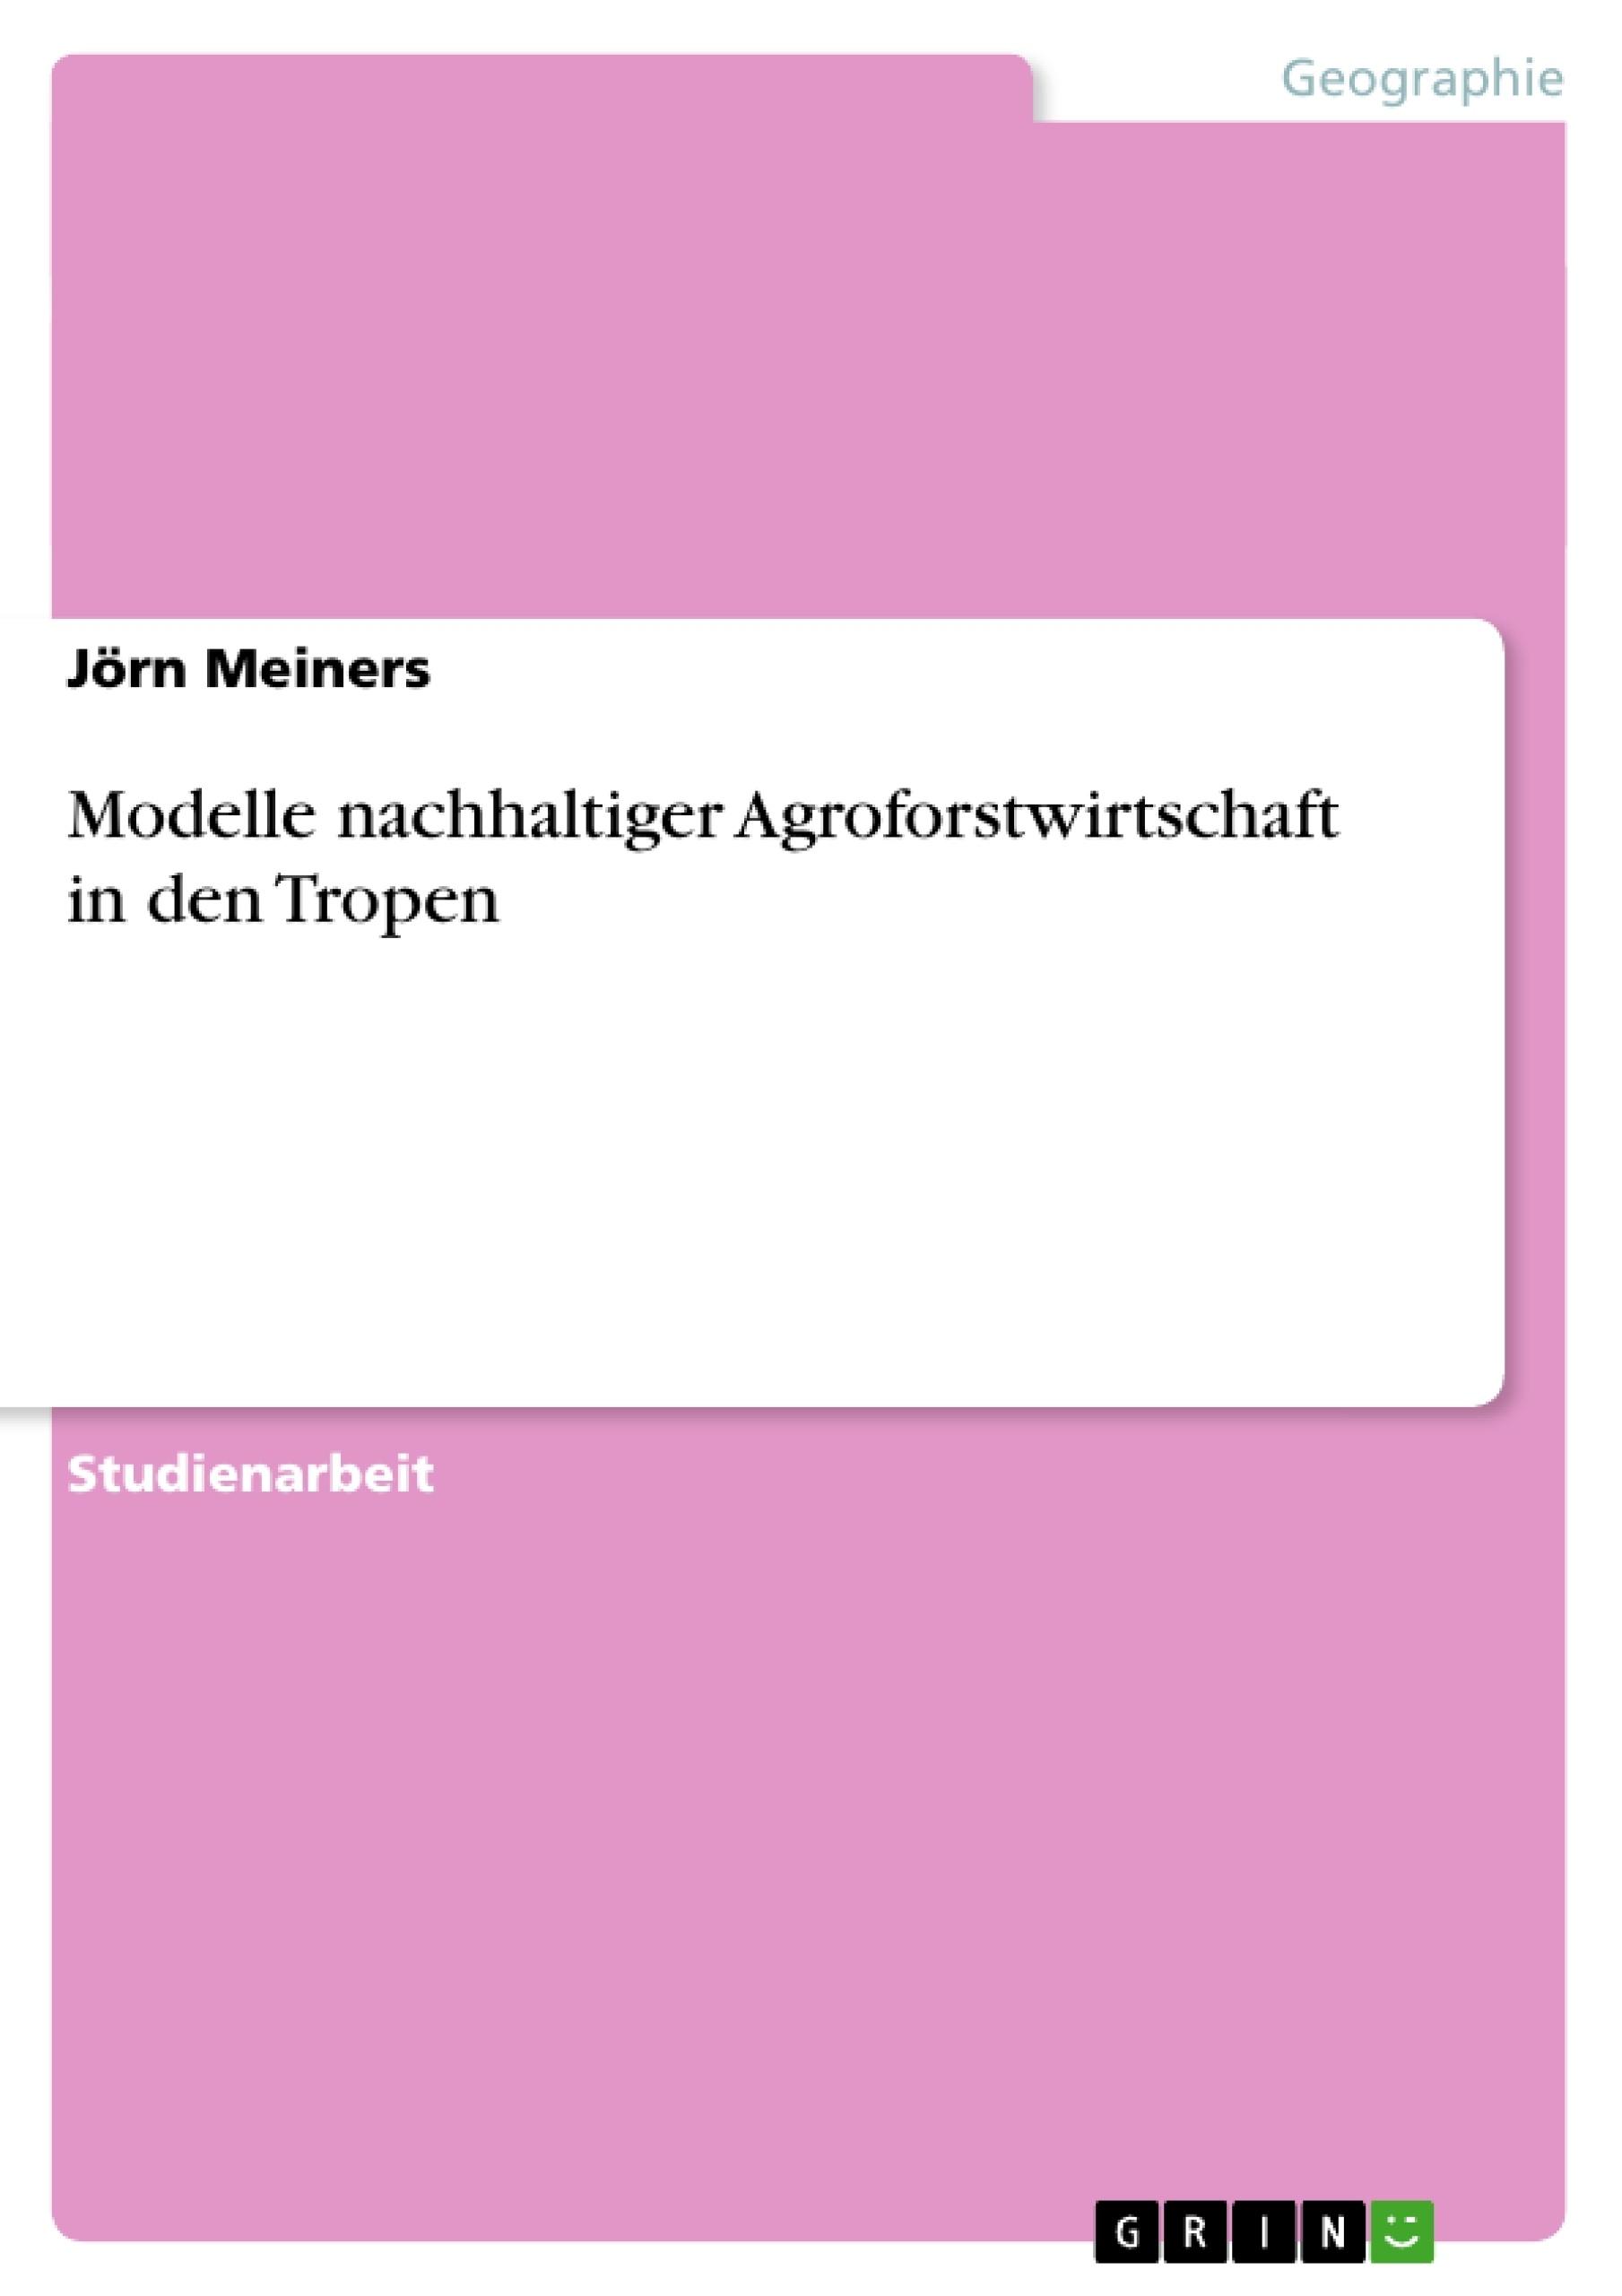 Titel: Modelle nachhaltiger Agroforstwirtschaft in den Tropen